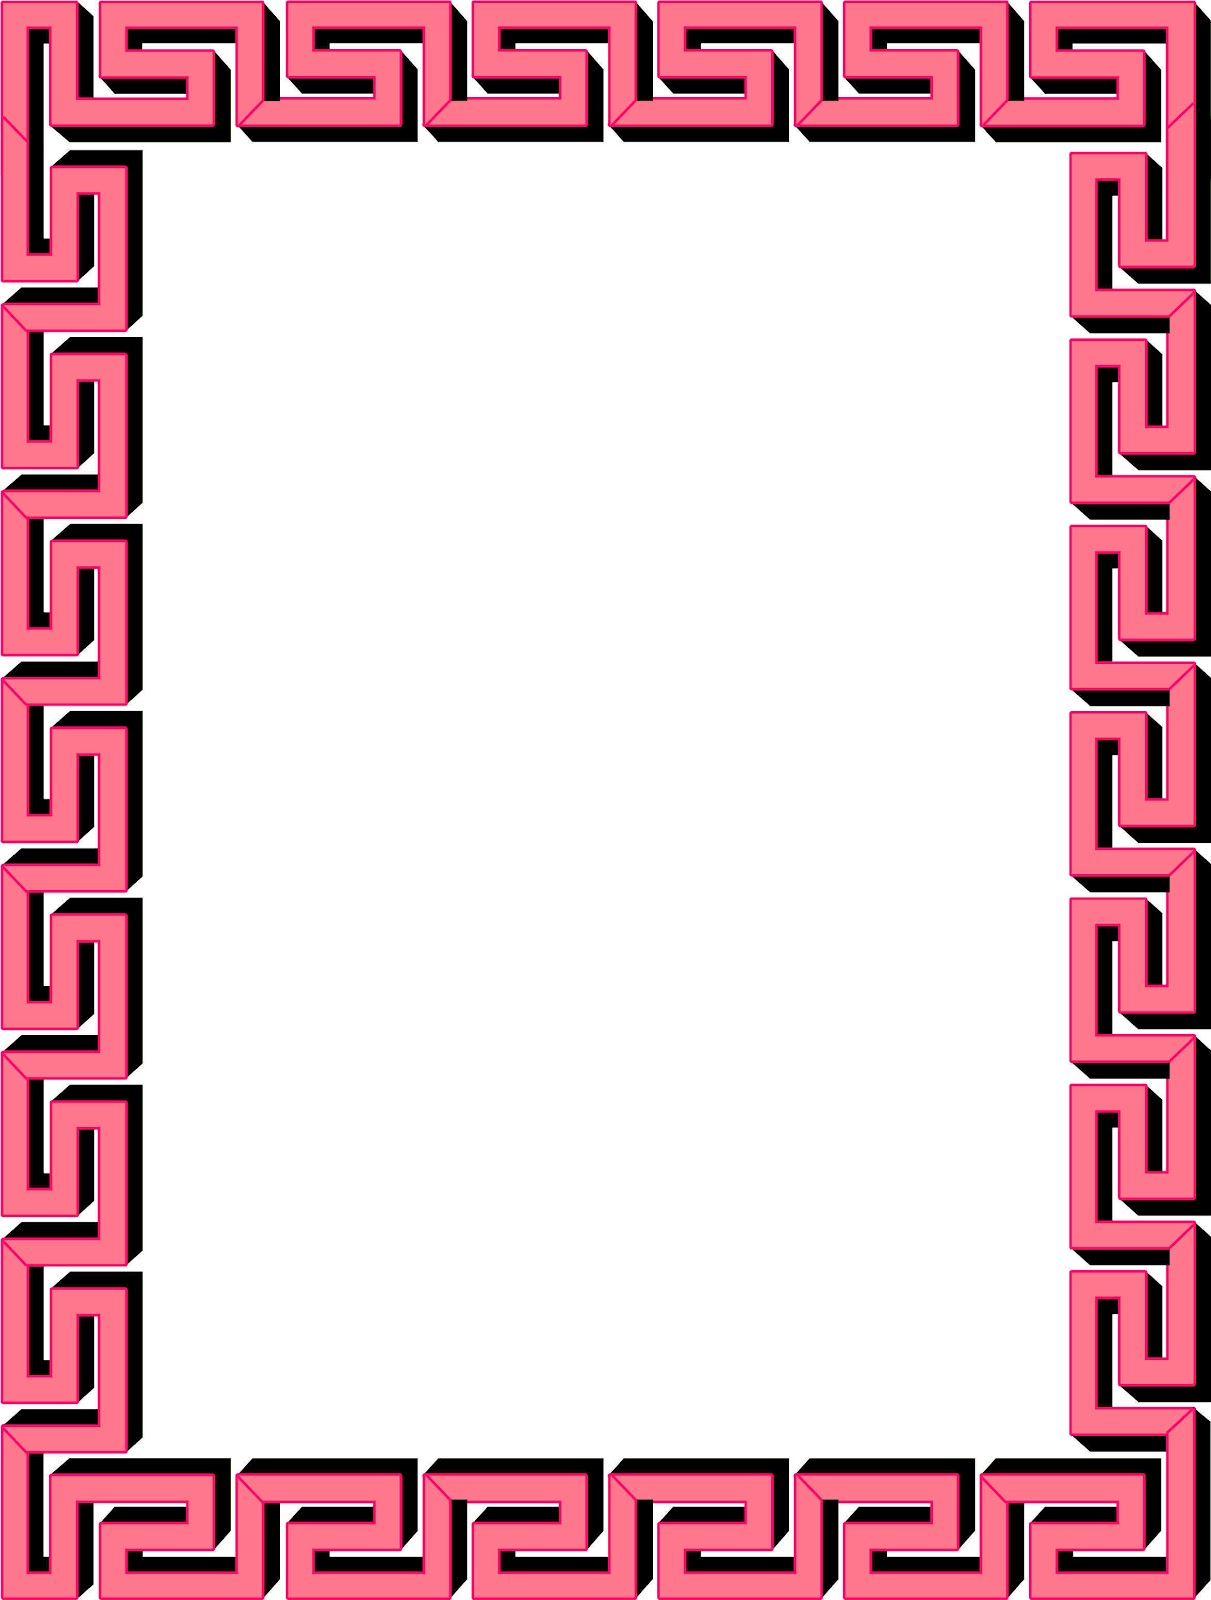 Bingkai Piagam